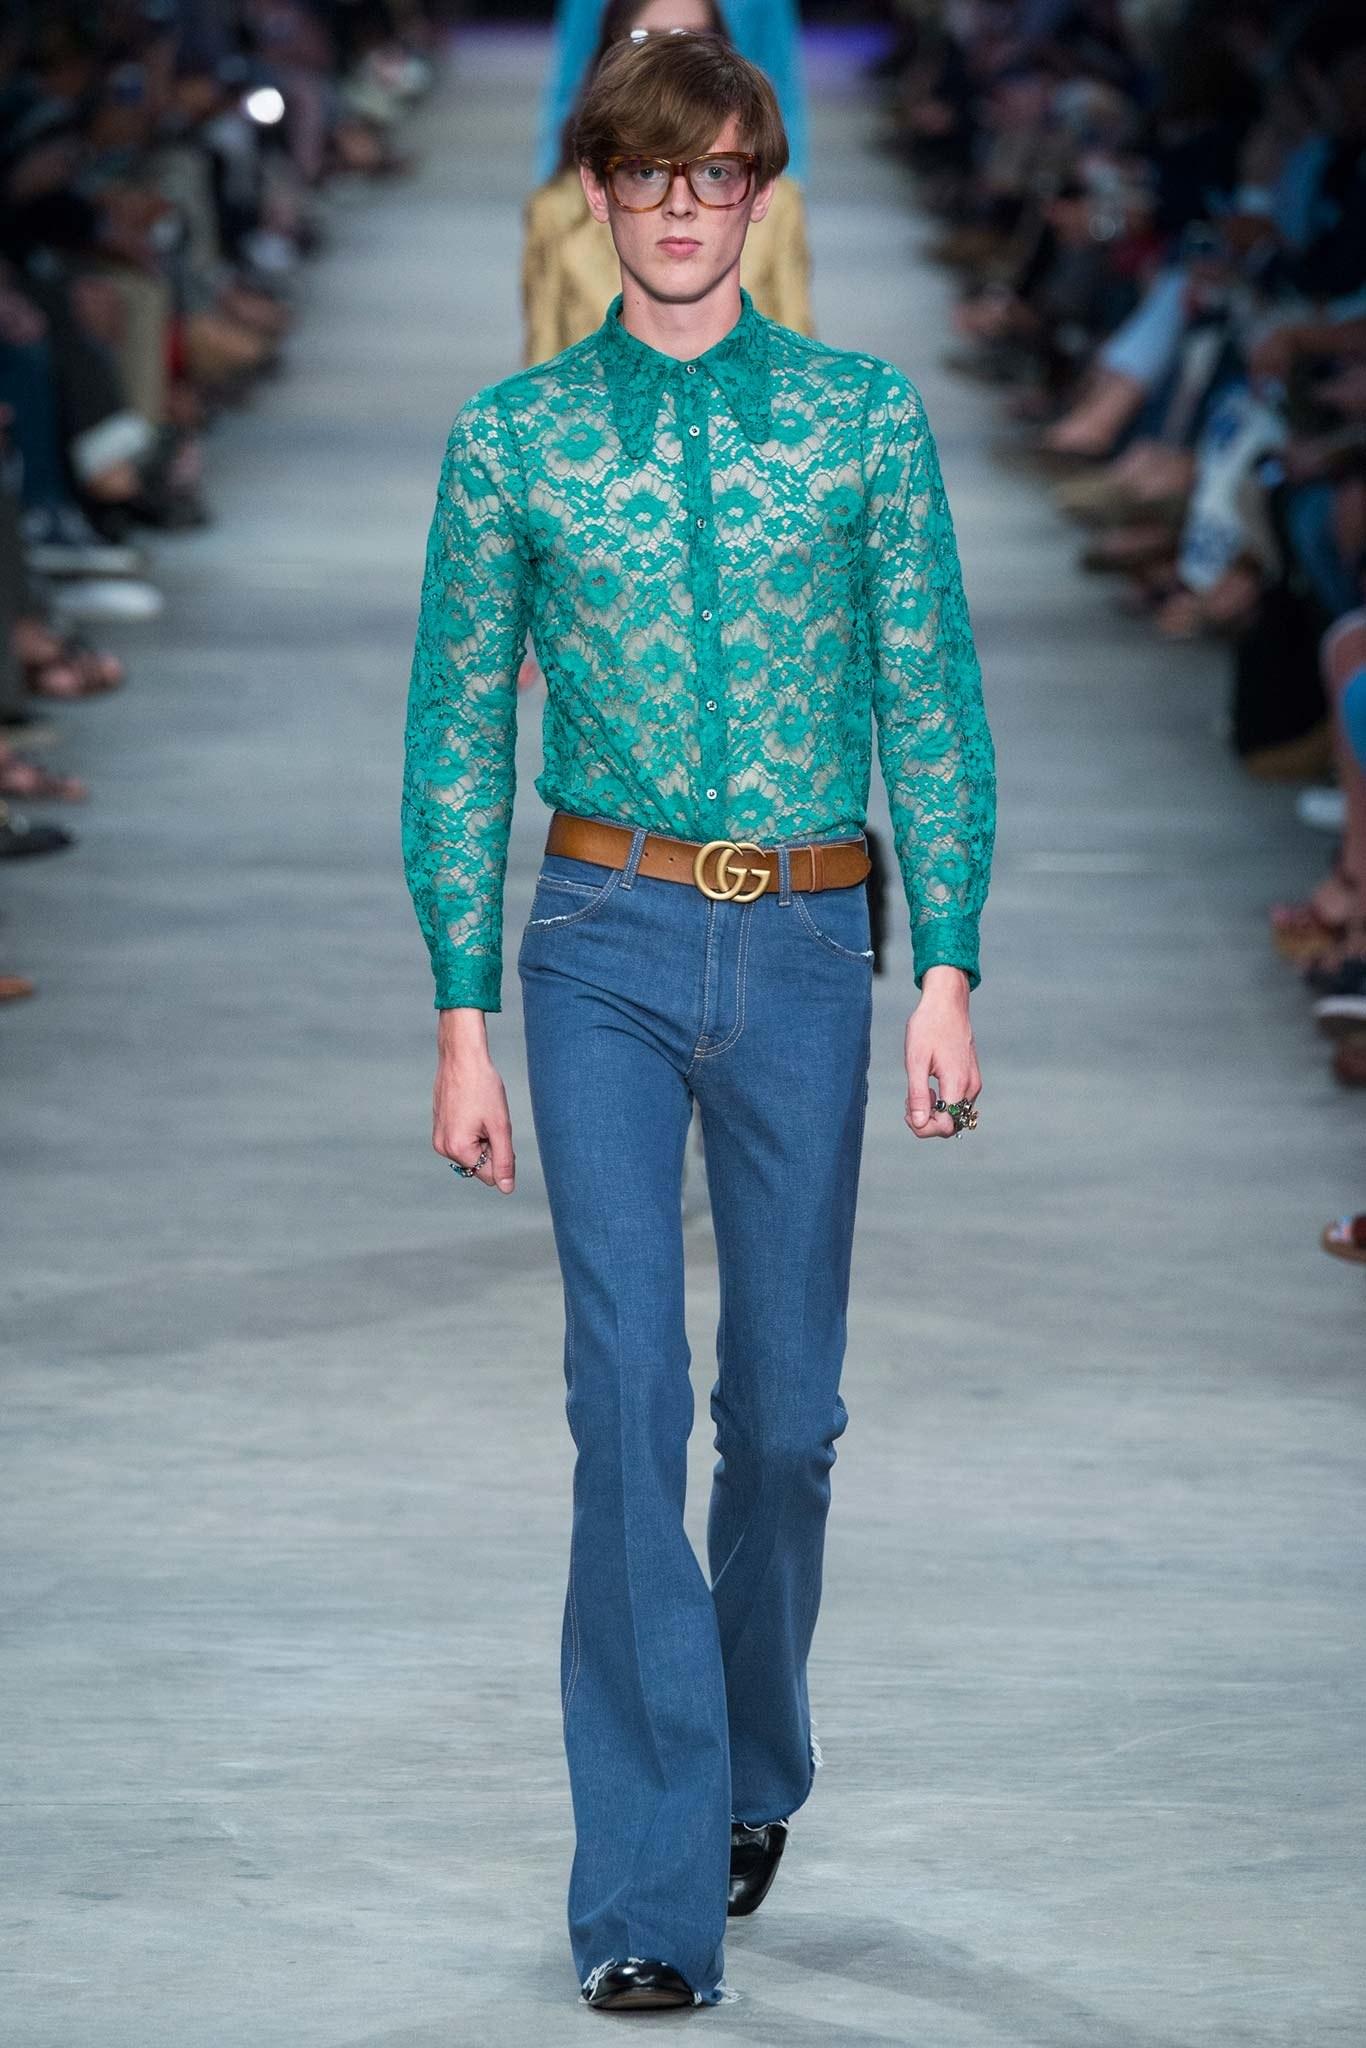 Đôi nét về thương hiệu thời trang Gucci